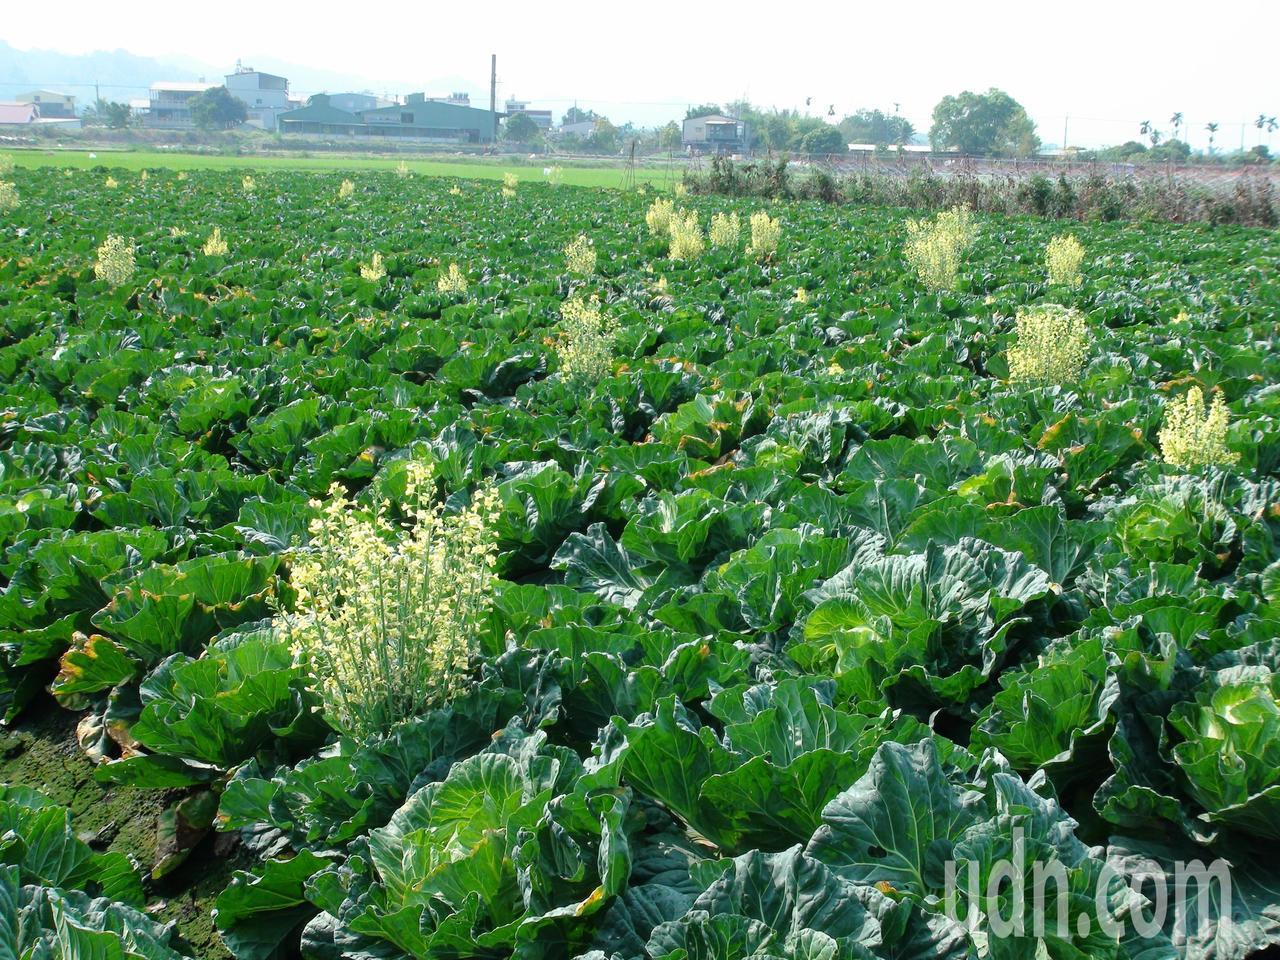 雲林縣菜農鄭世傑栽種0.4公頃的高麗菜,原本盼著年前採收上市,卻因低溫氣候影響生...